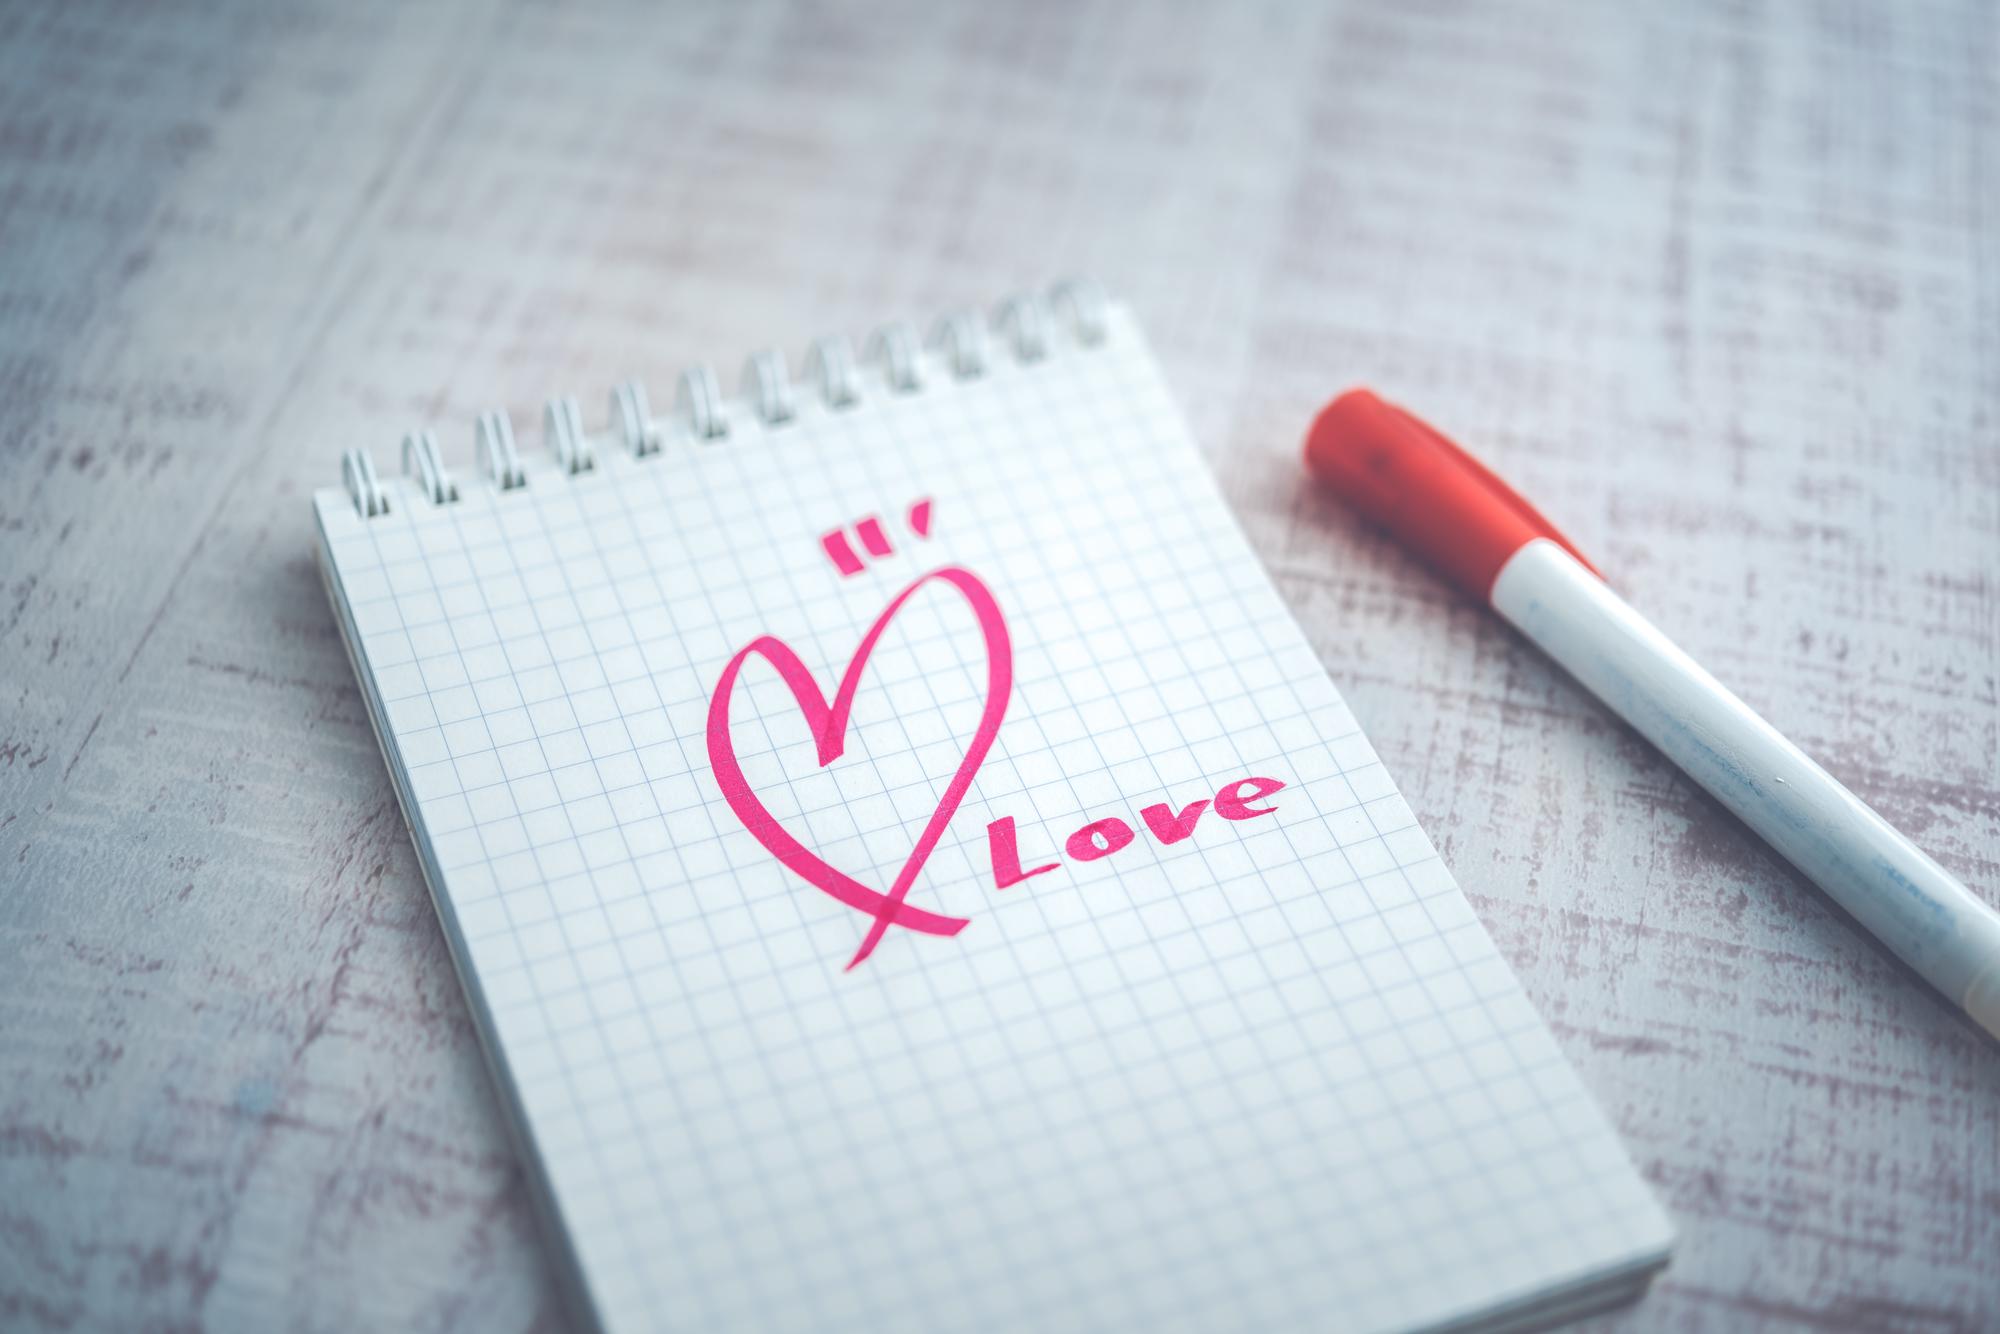 私はこうして恋人/好きな人と関係性をキープしていますーーー【コロナ禍中の恋愛、どうなってる?】緊急連載・第一回_2